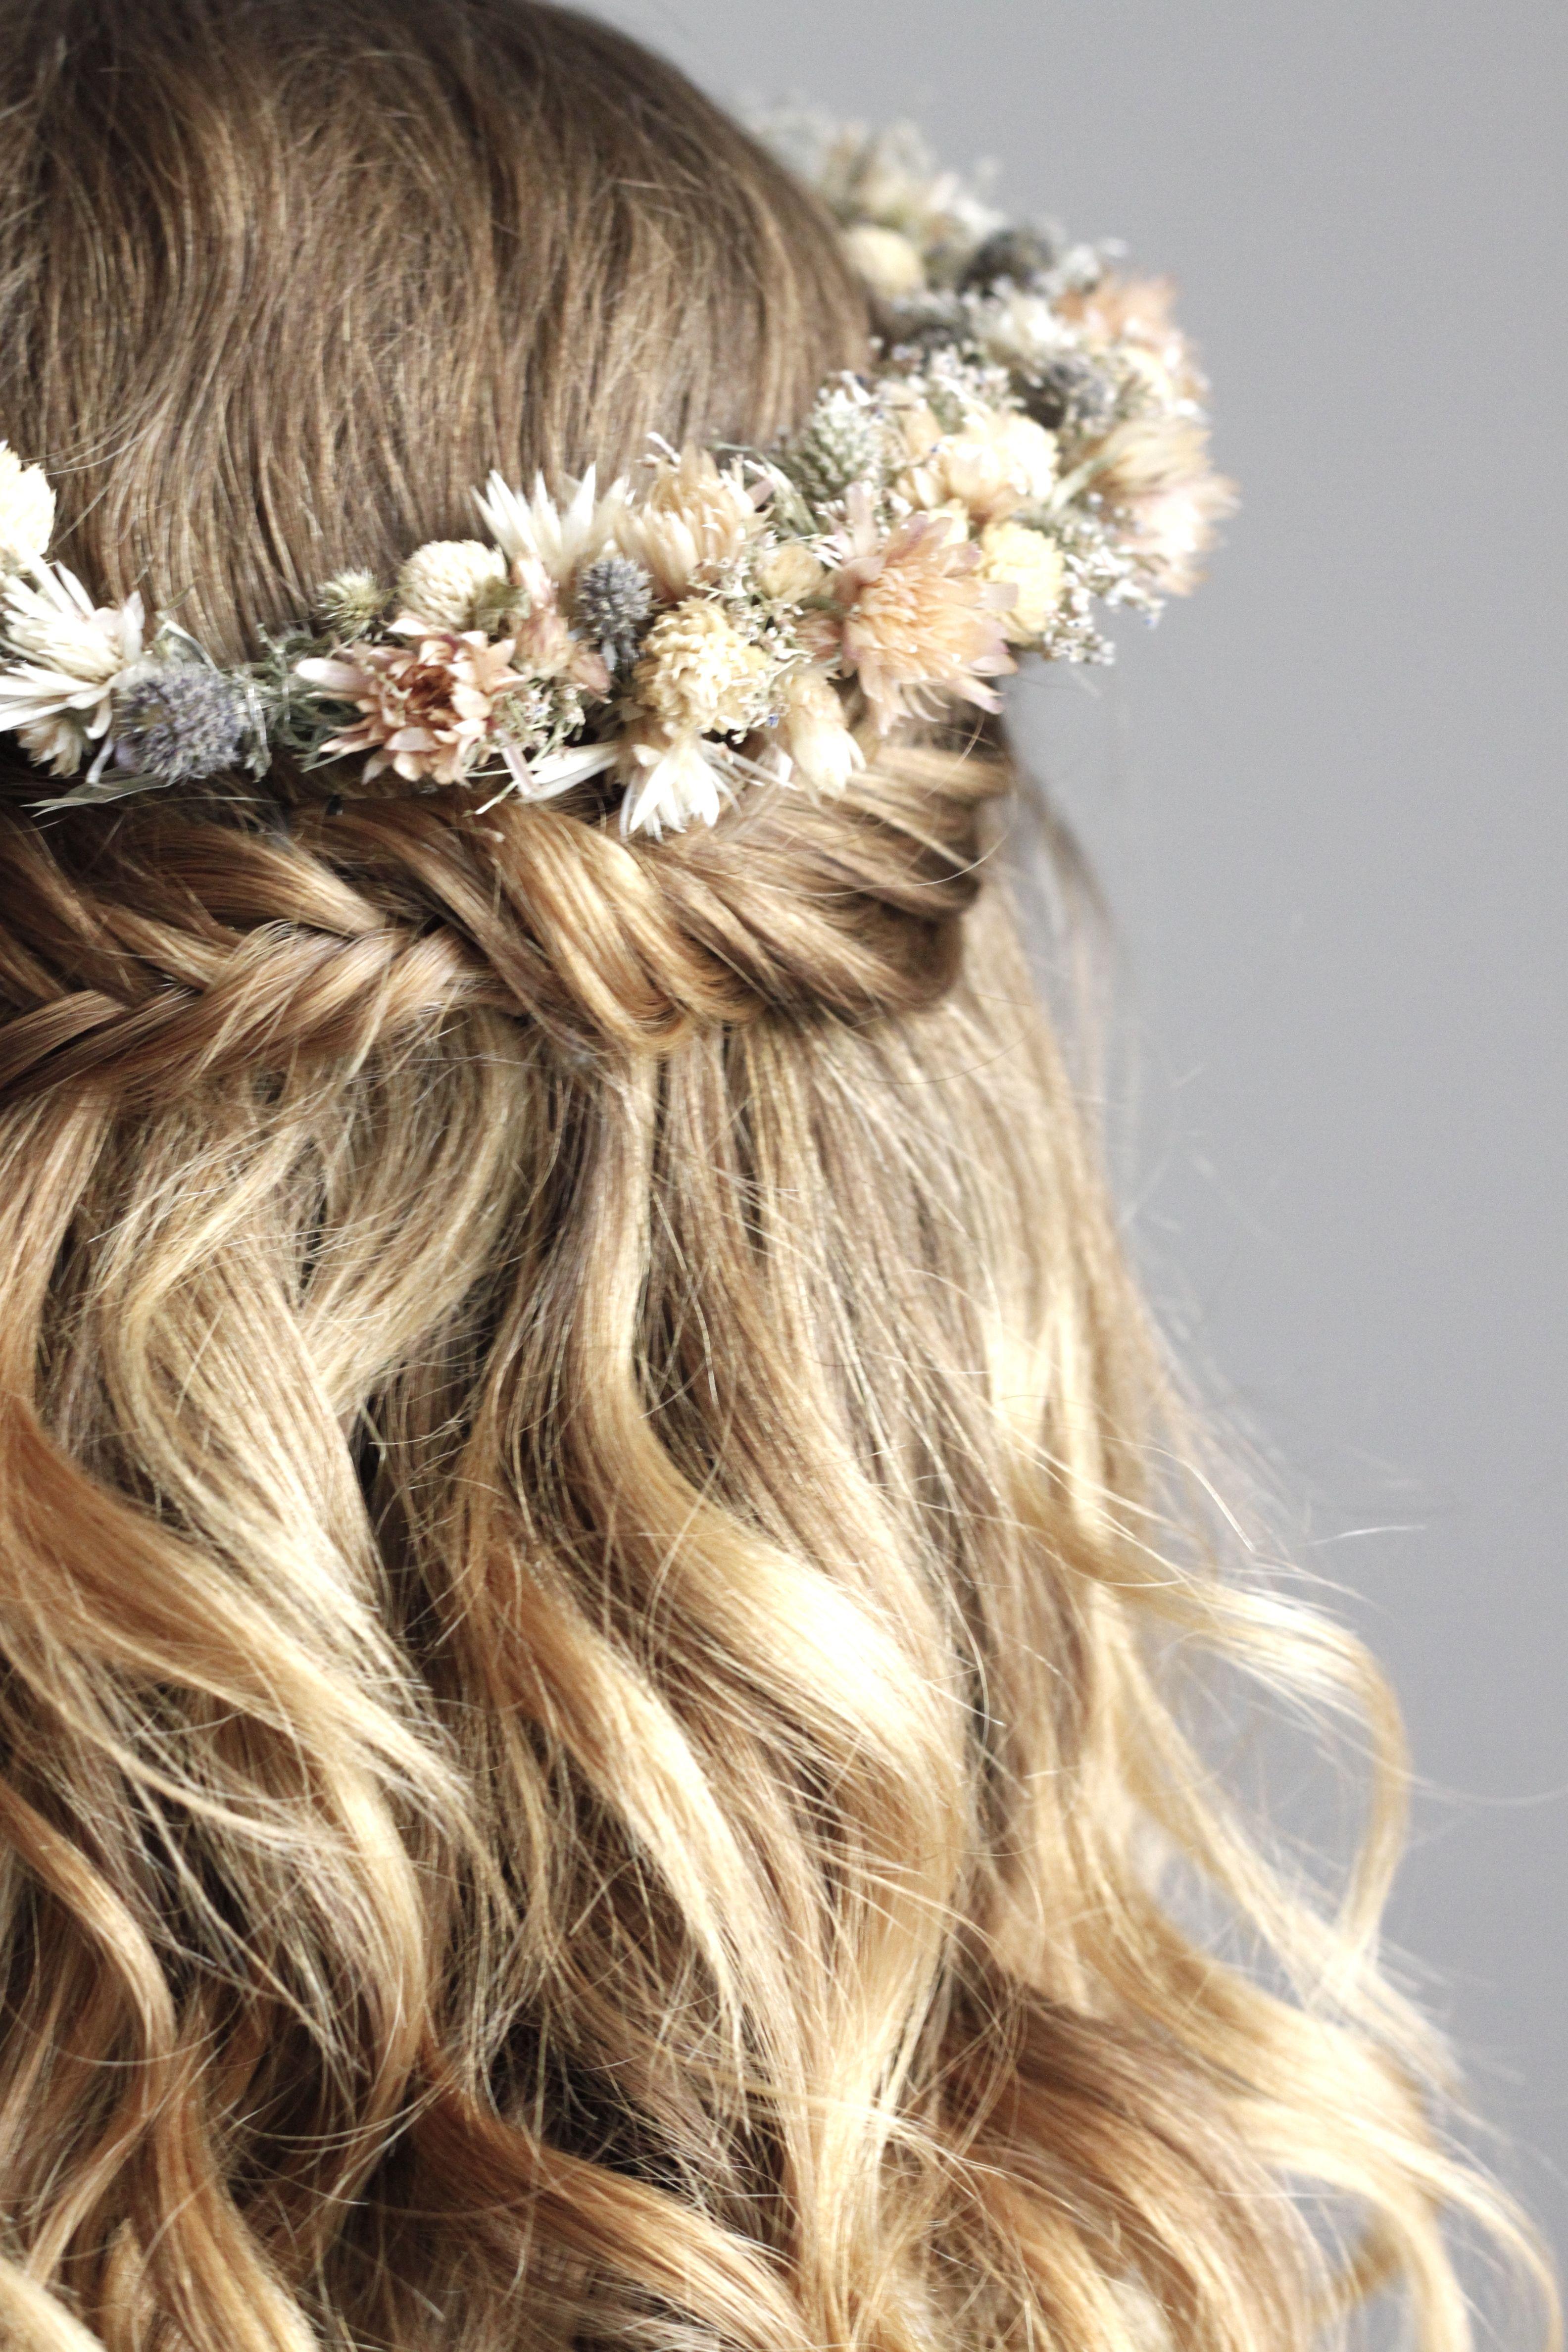 Fishtail Und Getrockneter Blumenkranz <3 Ich Liebe Es Oktoberfest